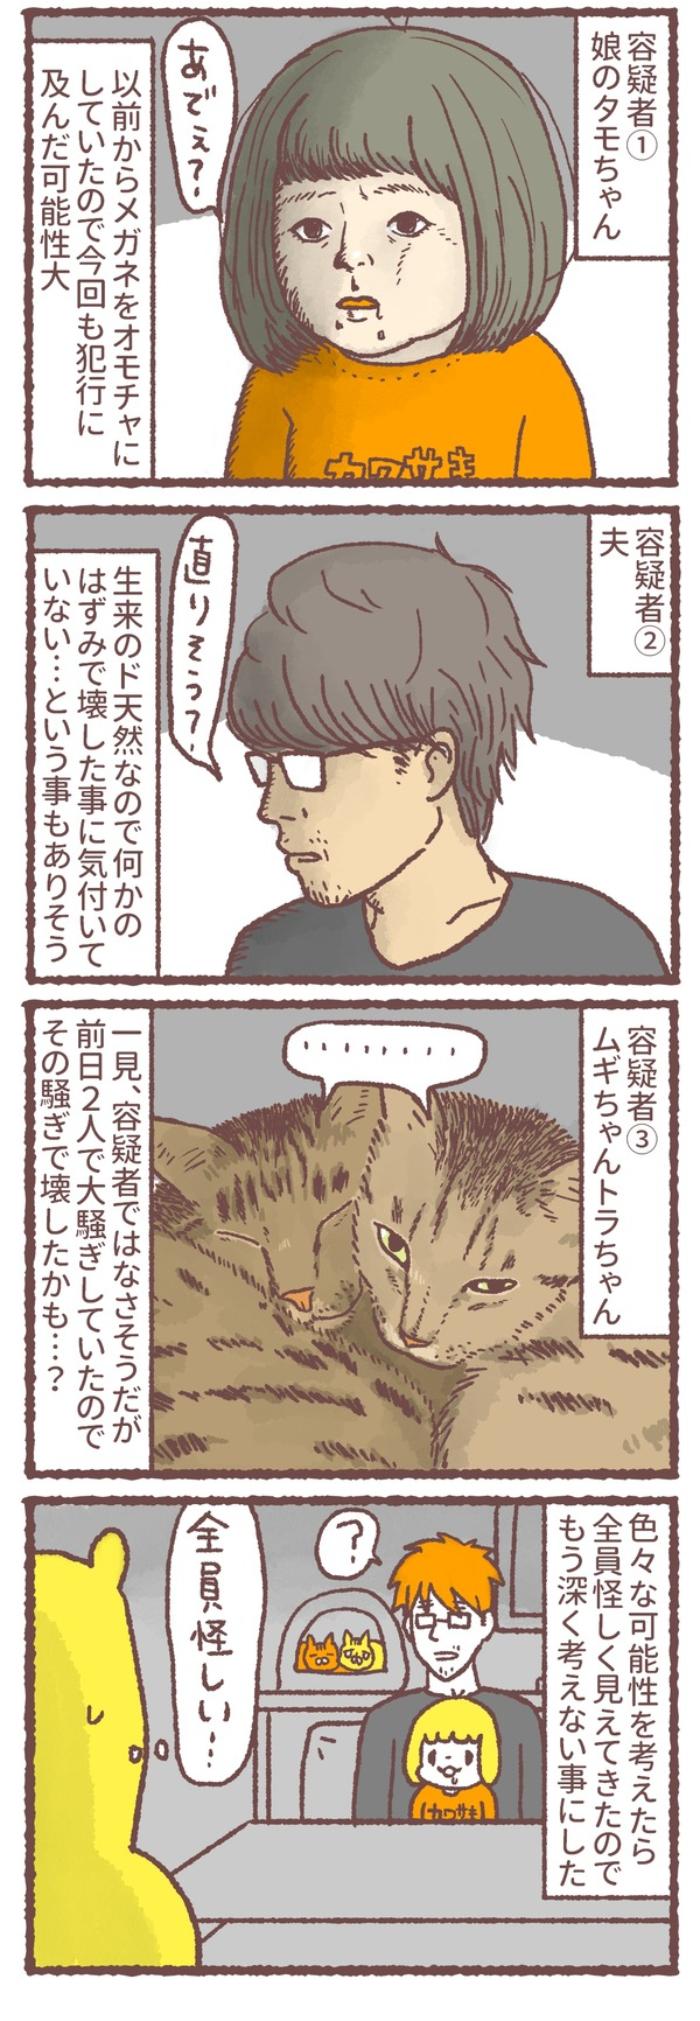 幼児とネコが、血相を変えてダッシュ!1人と1匹がそろって狙うアレの画像9